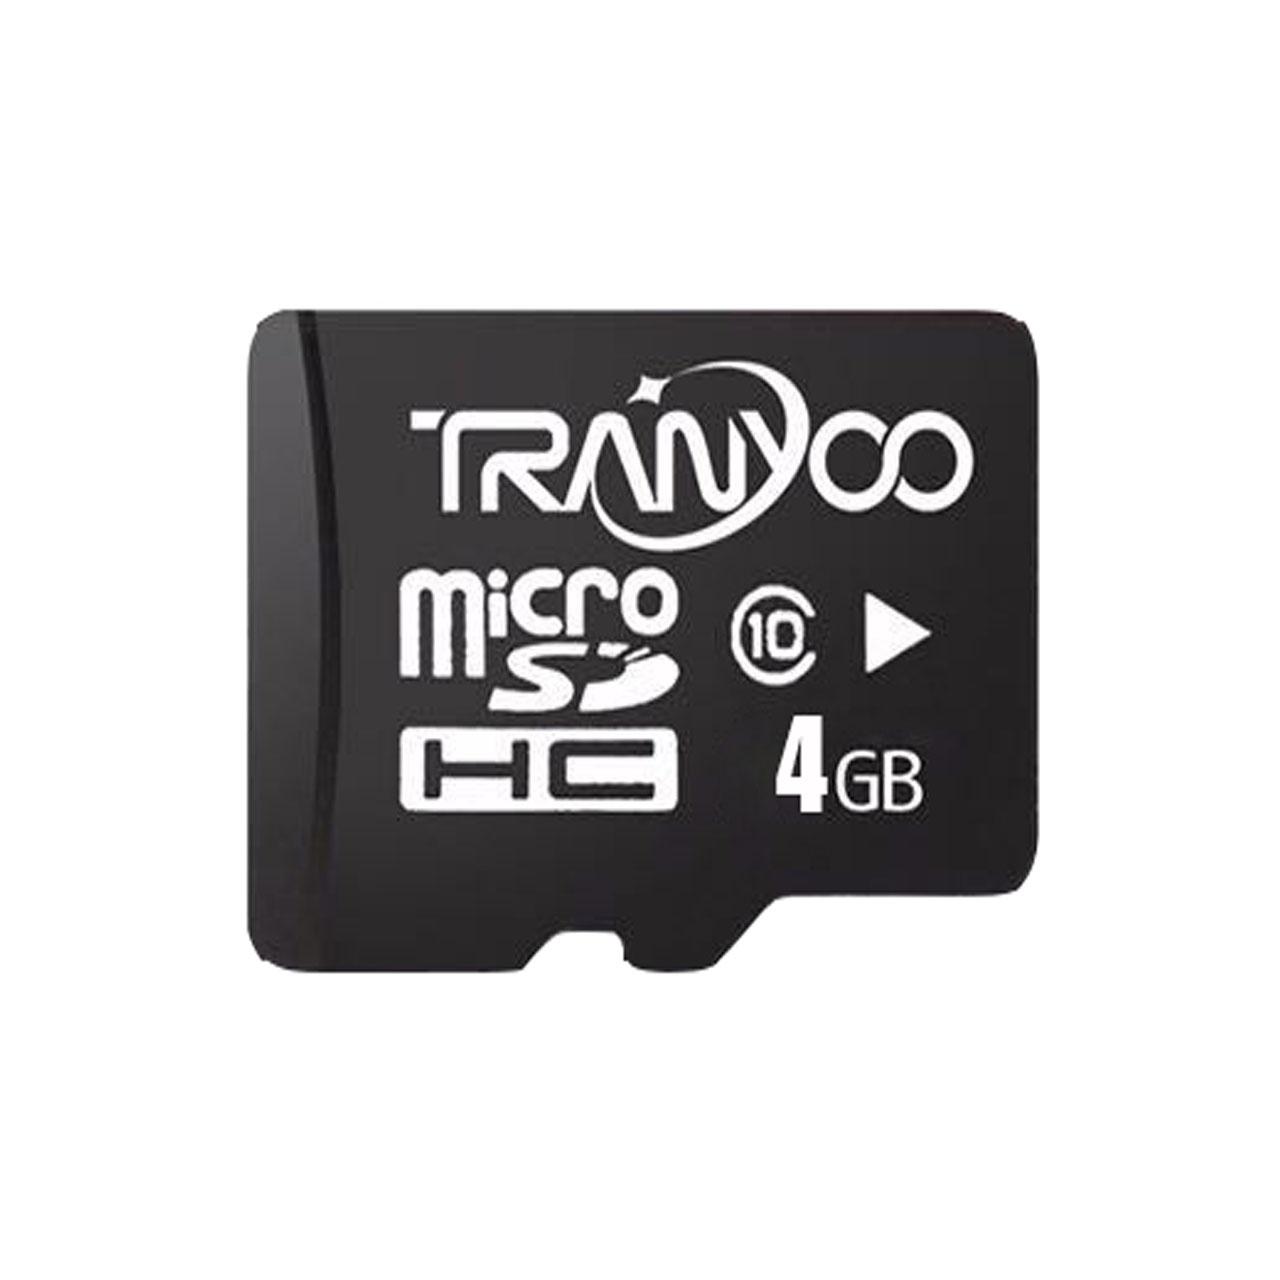 کارت حافظه microSDHC ترانیو مدل LSPEED کلاس 10 استاندارد UHC-I U1 سرعت 30Mbs ظرفیت 4 گیگابایت